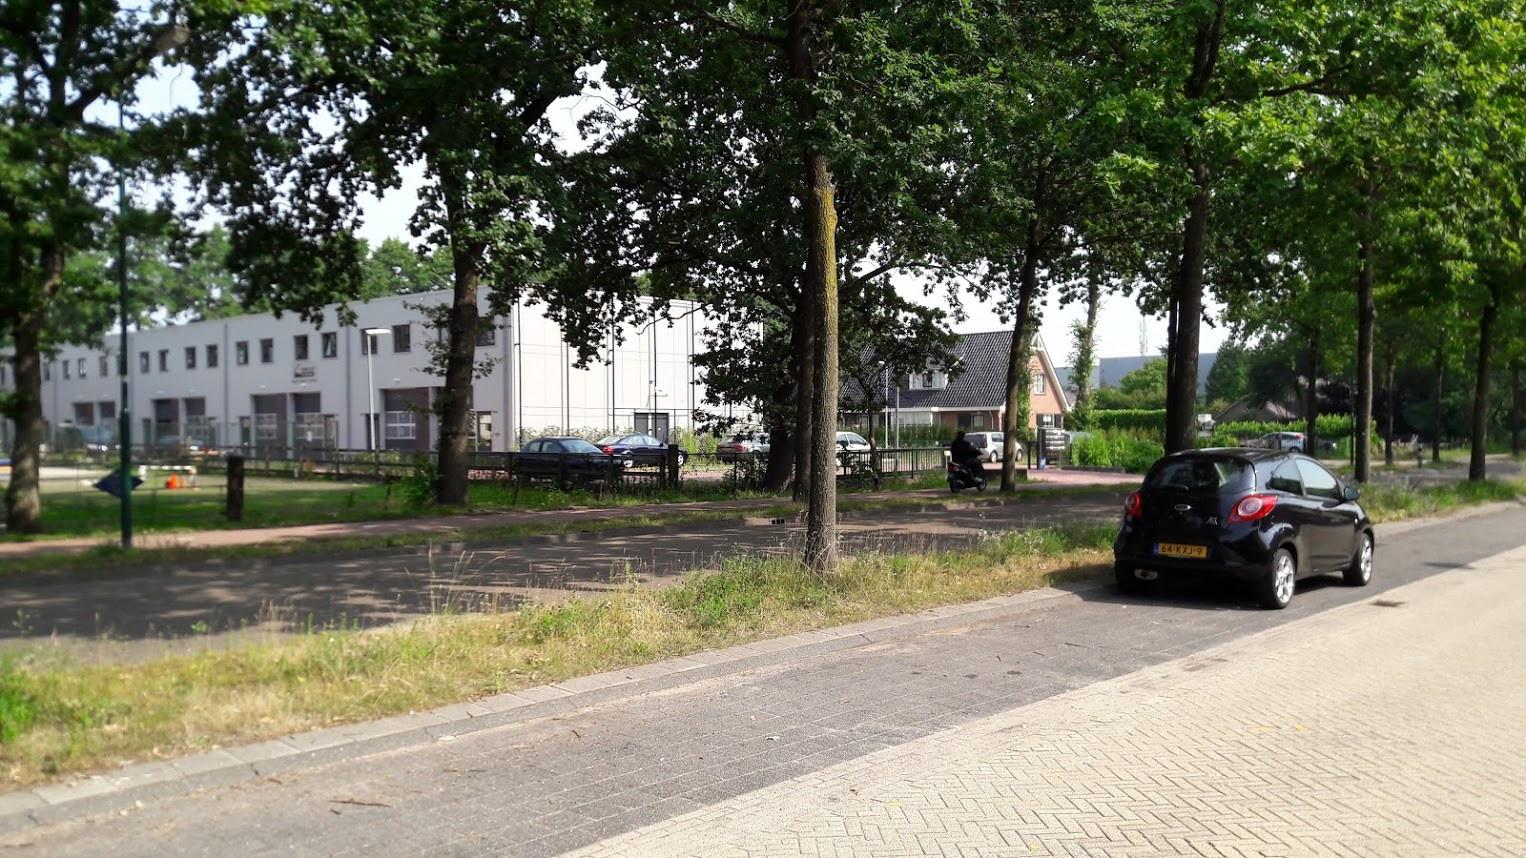 De 'blokkendoos' aan de Dorresteinweg.